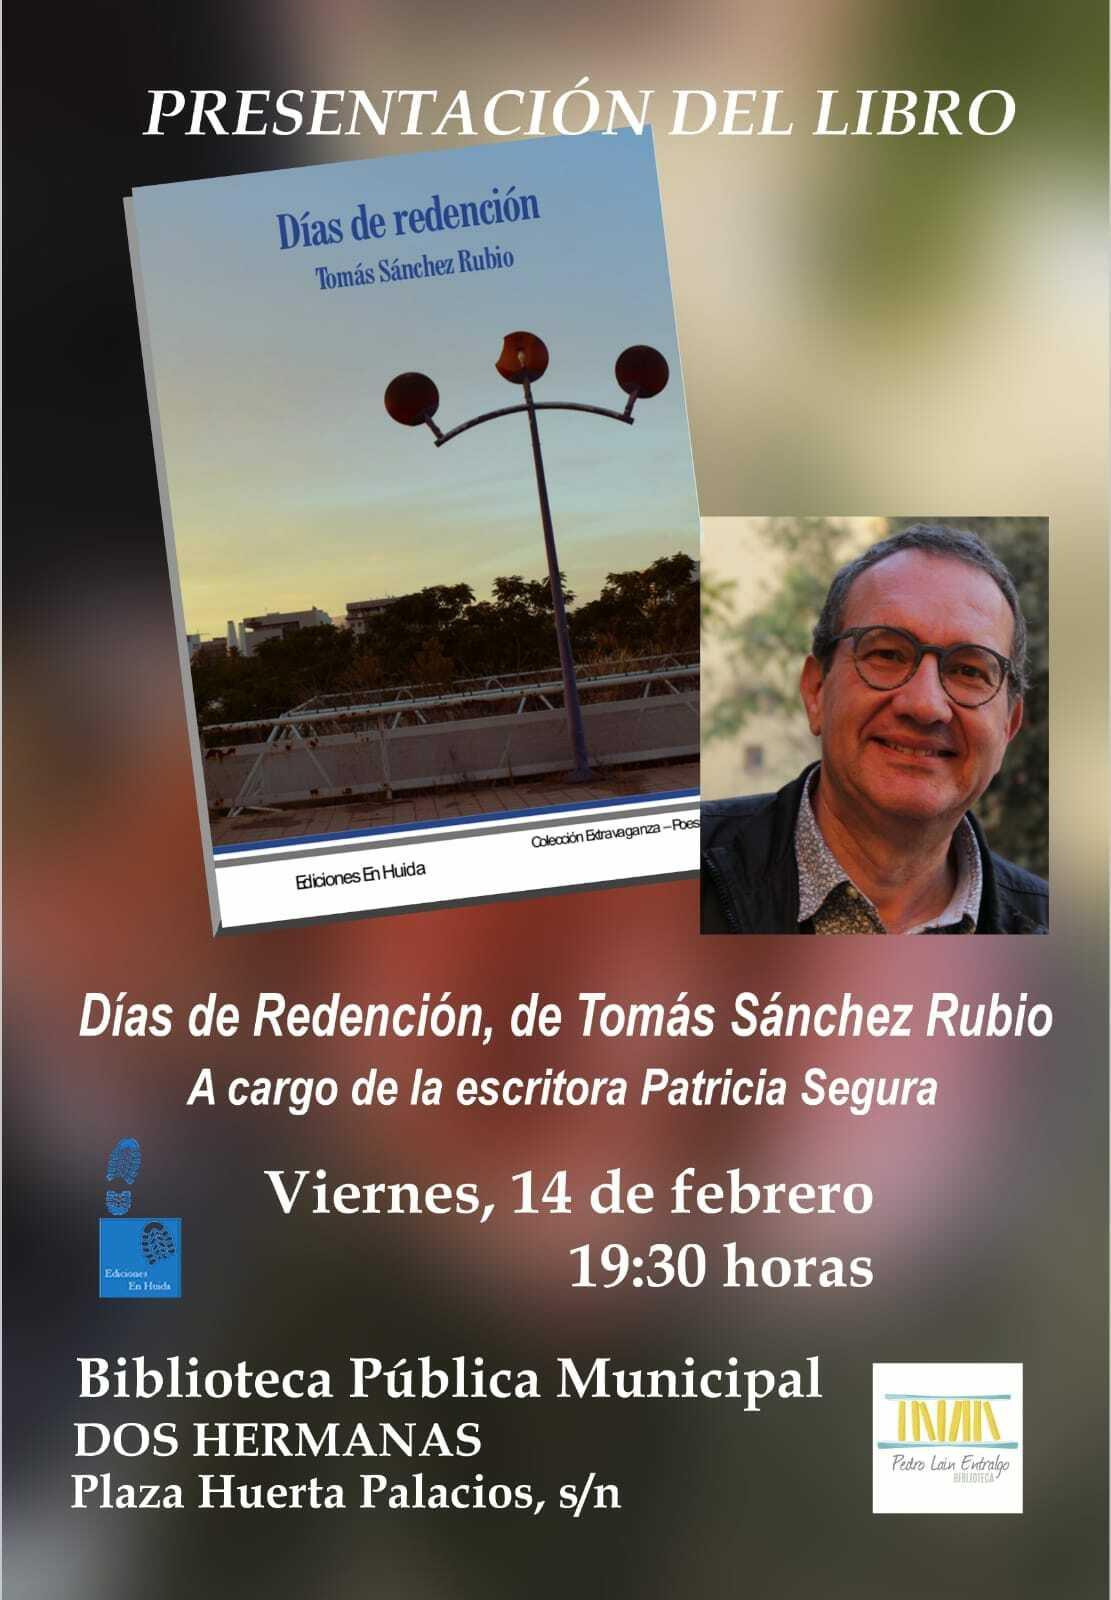 Días de redención, vivencias del poeta Tomás Sánchez Rubio